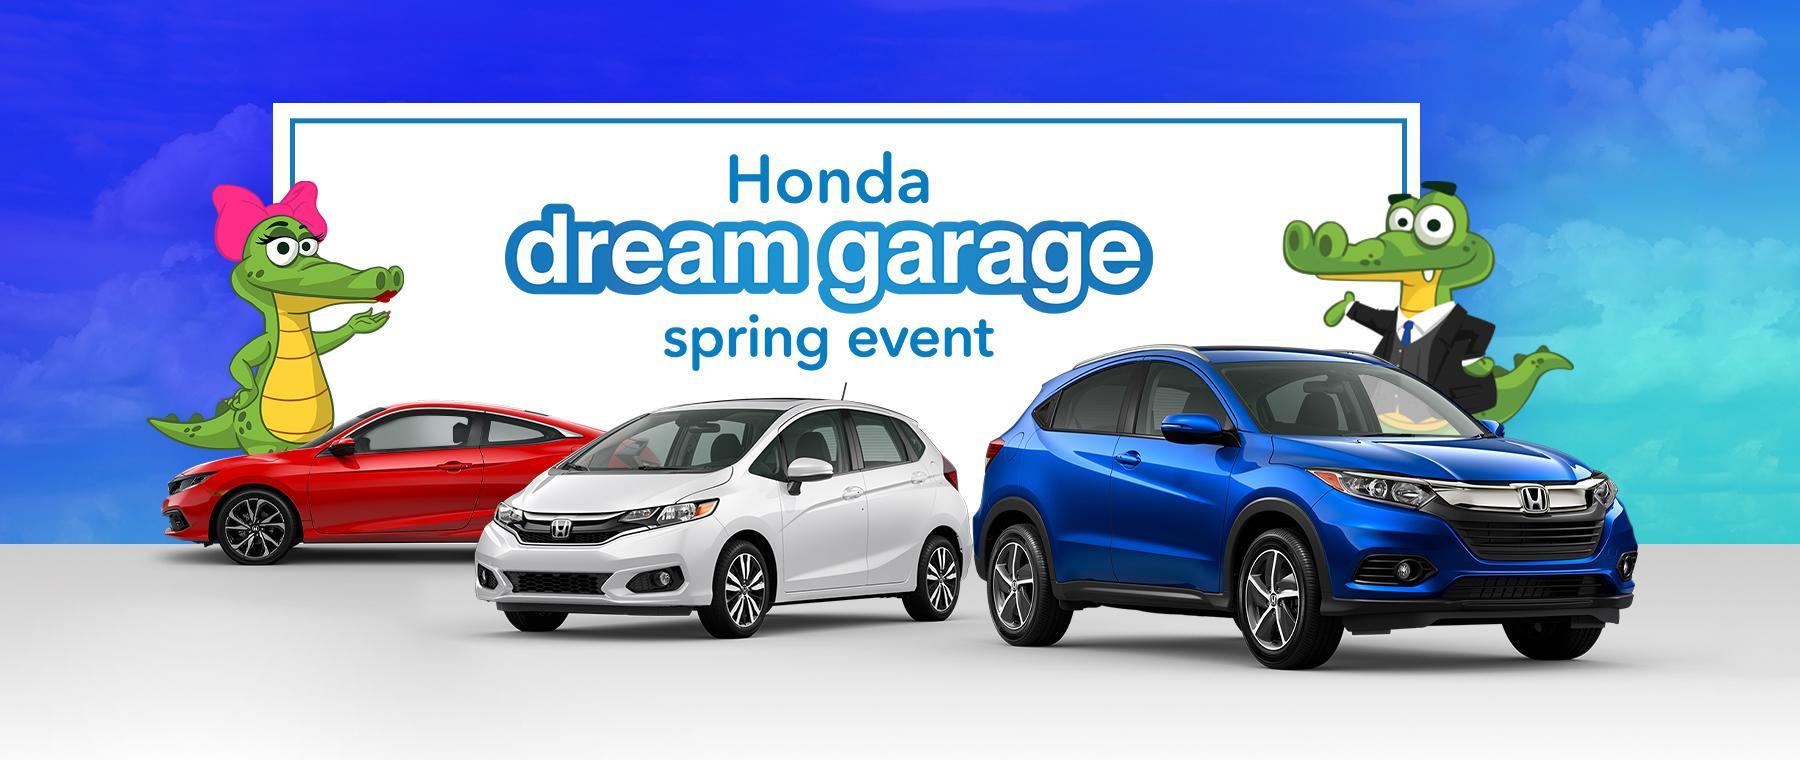 Honda dream garage spring event